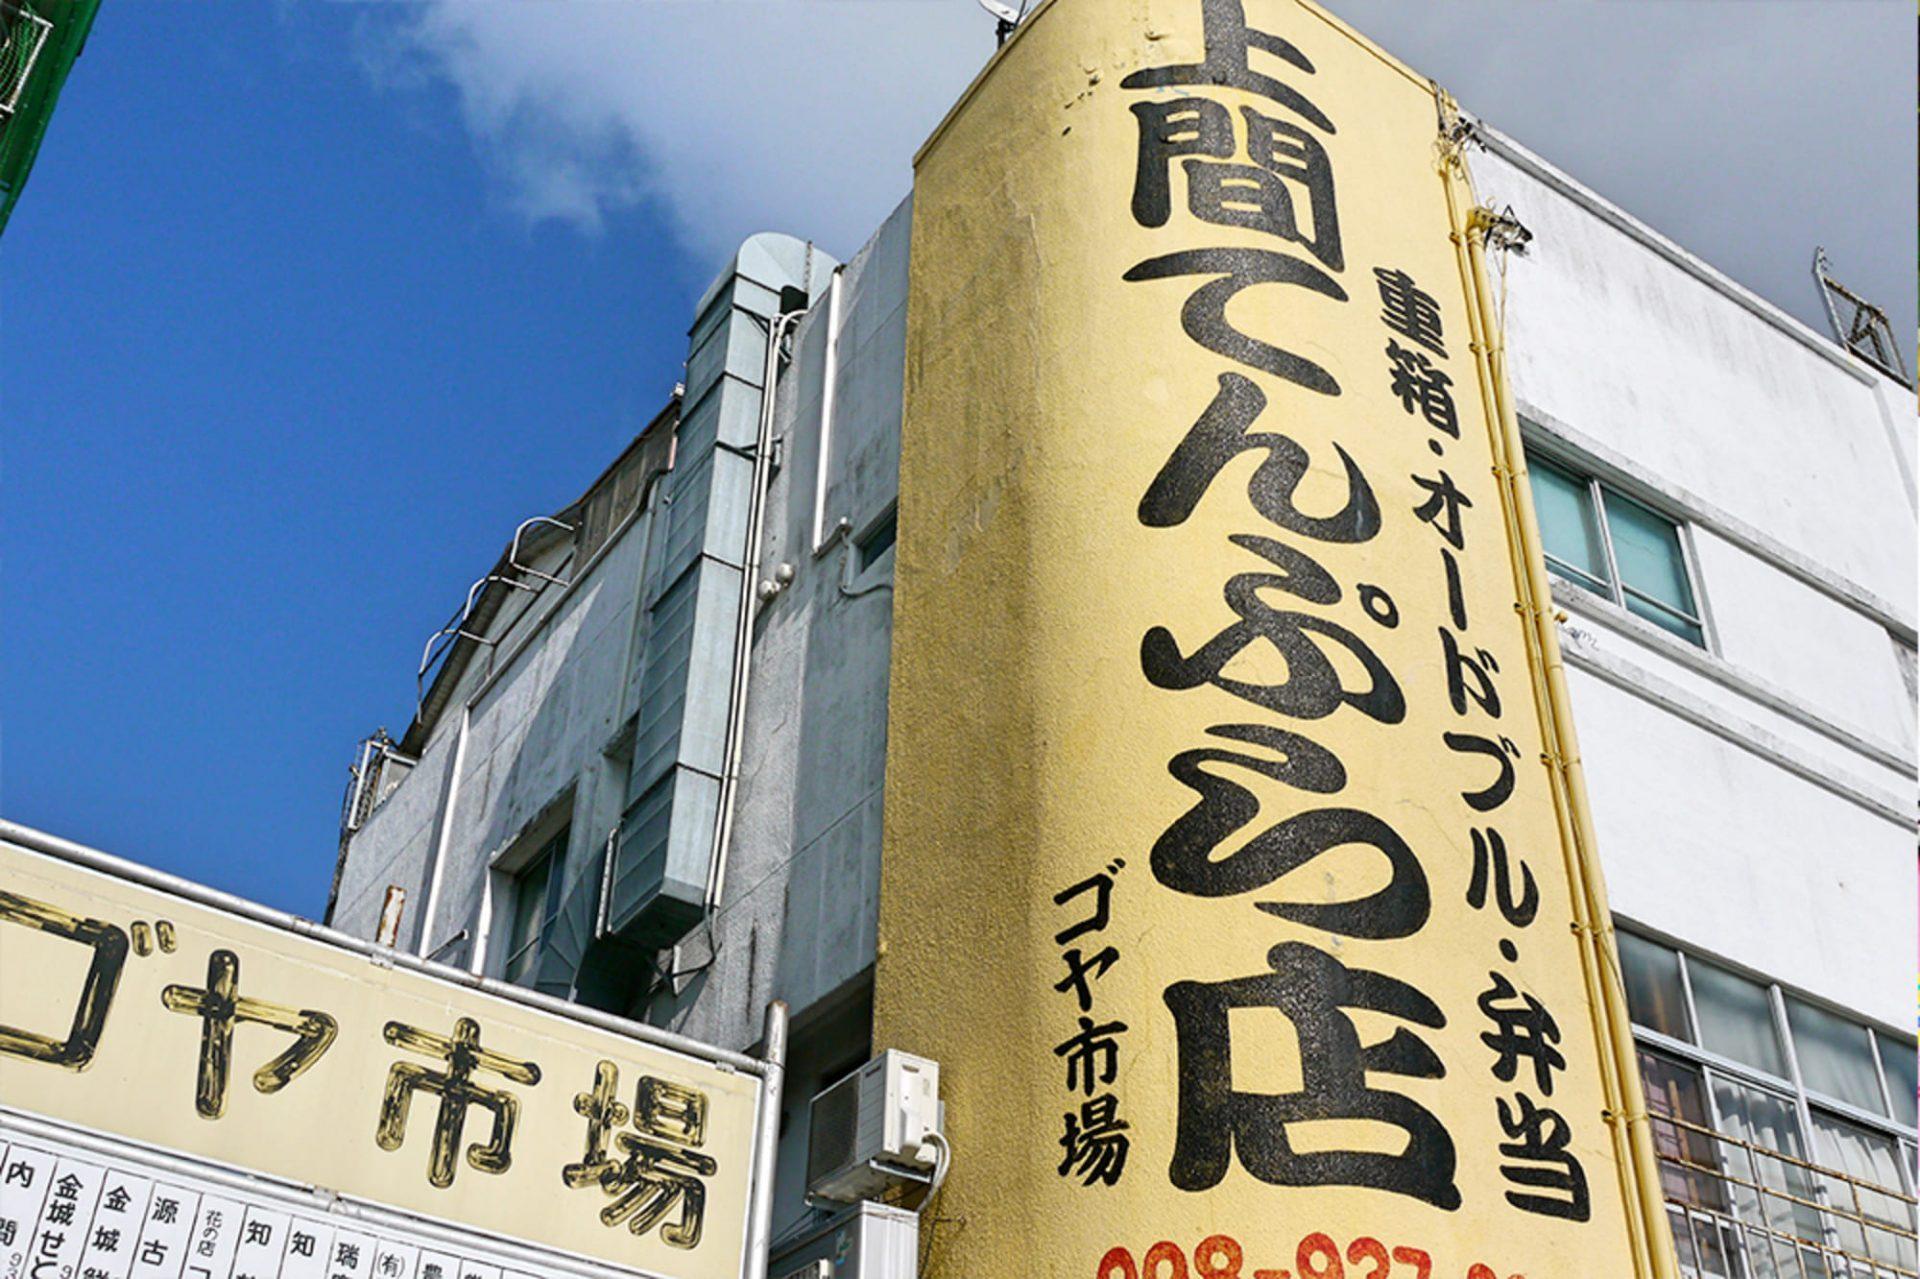 上間弁当てんぷら店 沖縄 天ぷら てんぷら 屋 グルメ ソウル フード B級 ご当地